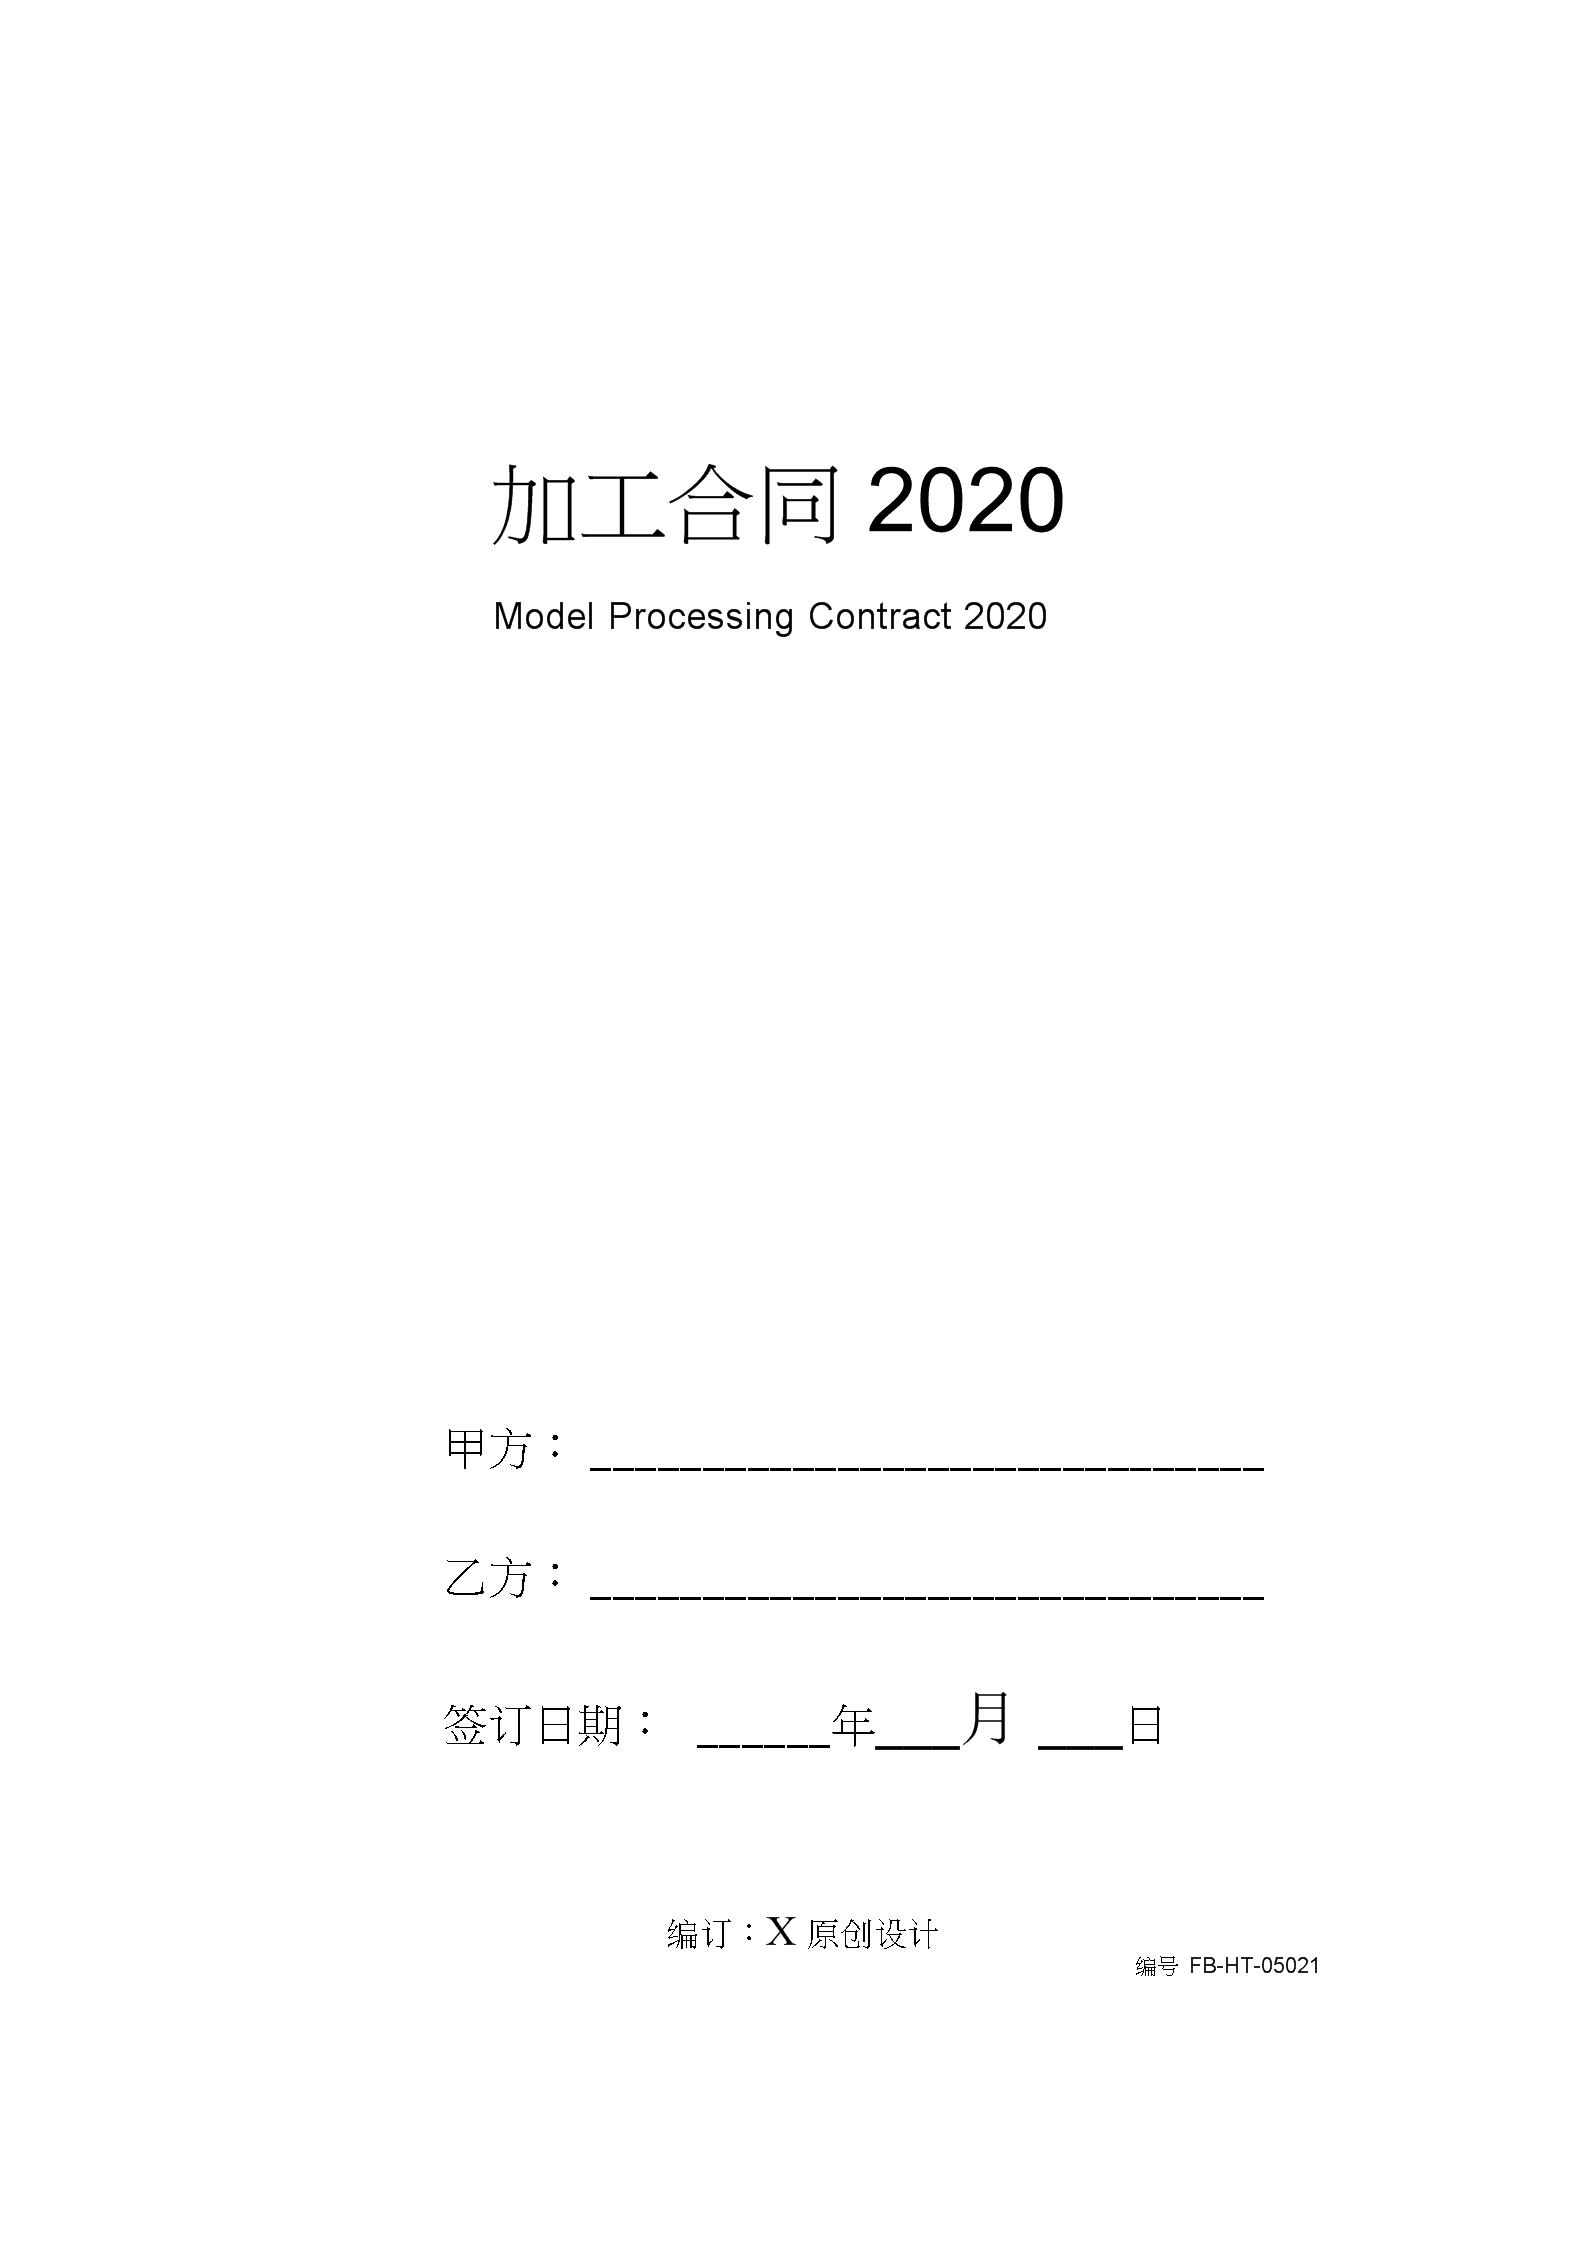 加工合同模板2020.docx